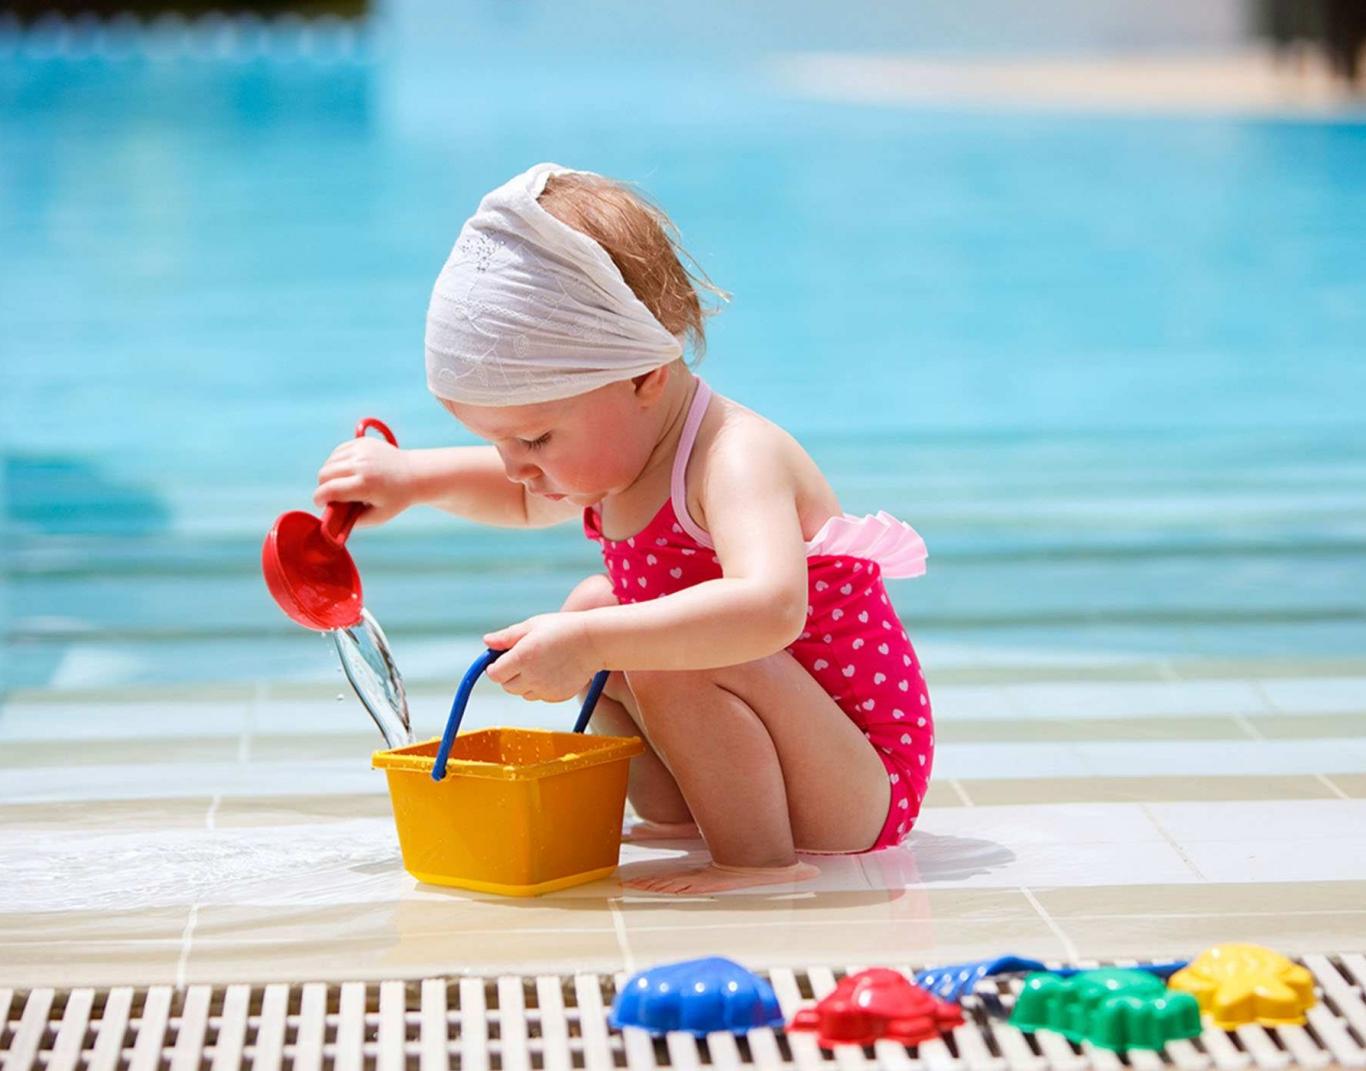 Učenje plavanja za najmlajše